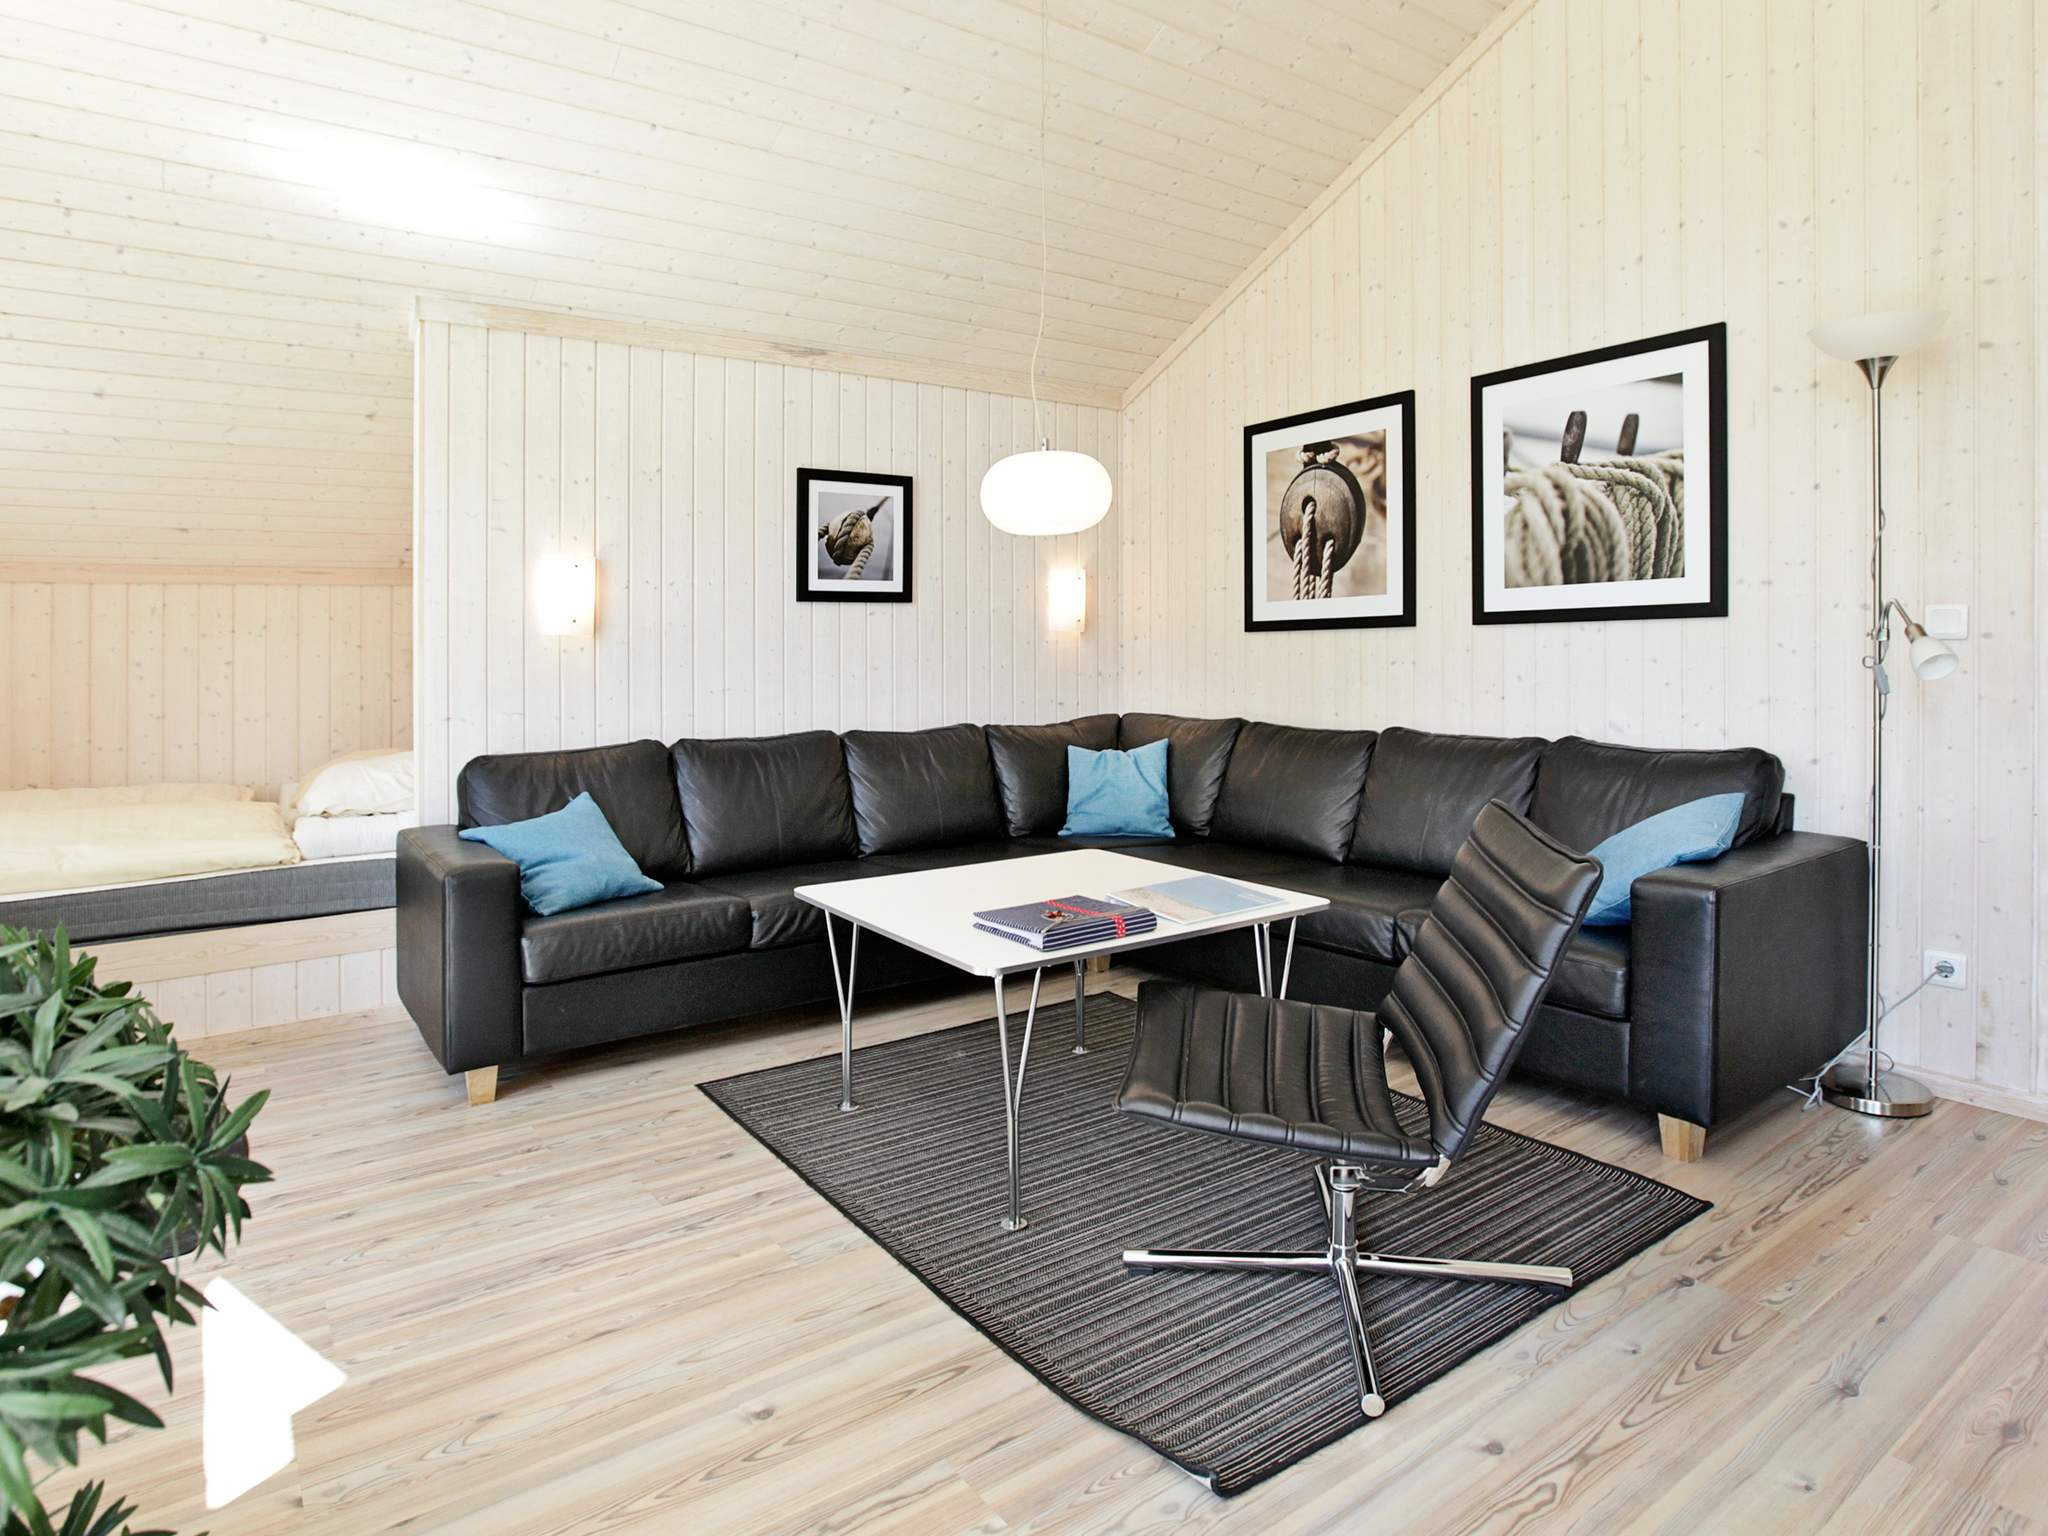 ferienhaus gro enbrode f r den urlaub mit hund f r bis zu 8 personen mieten. Black Bedroom Furniture Sets. Home Design Ideas